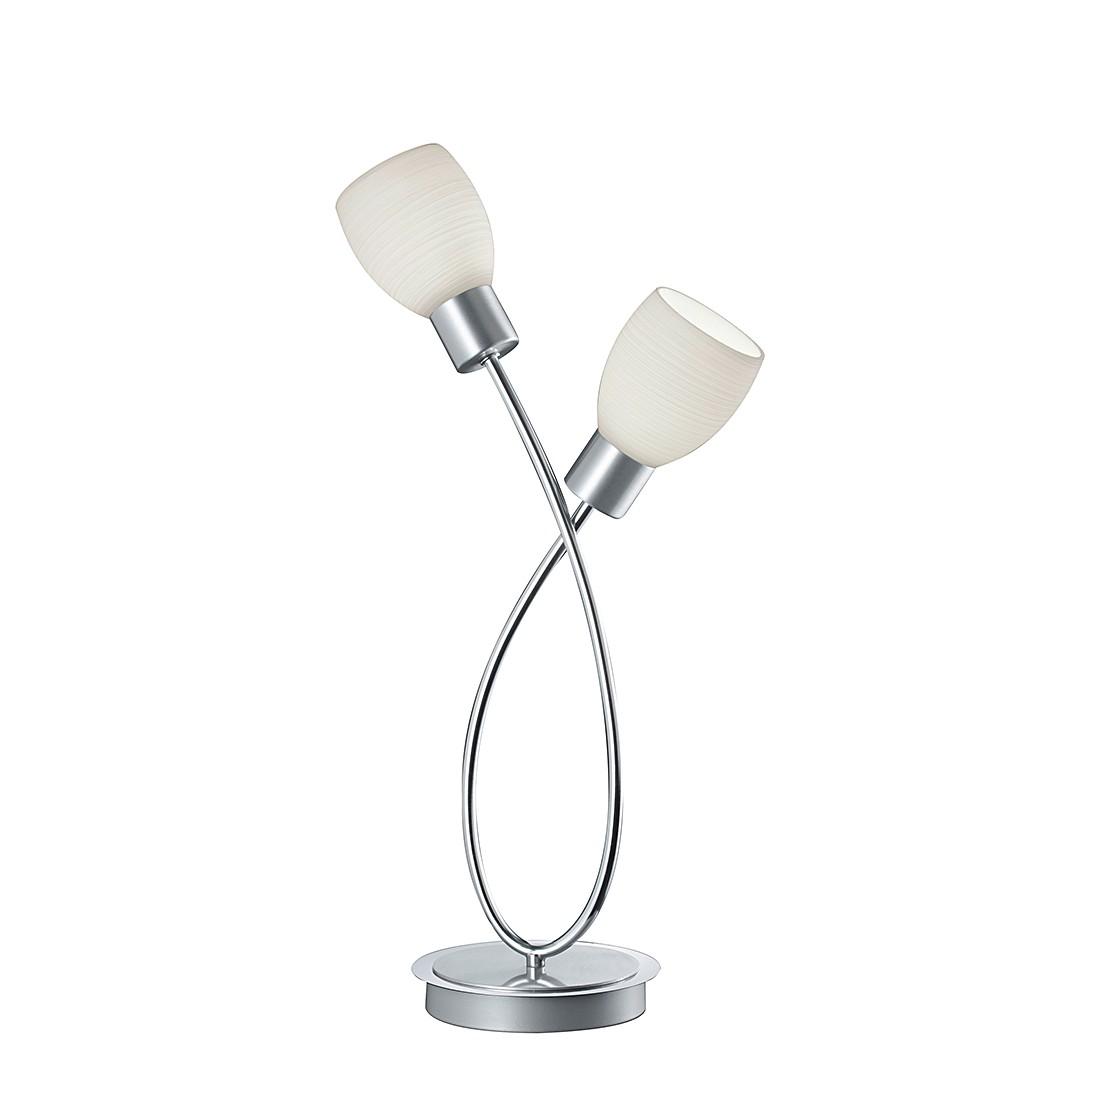 EEK A+, LED-Tischleuchte London – 2-flammig, Trio günstig bestellen